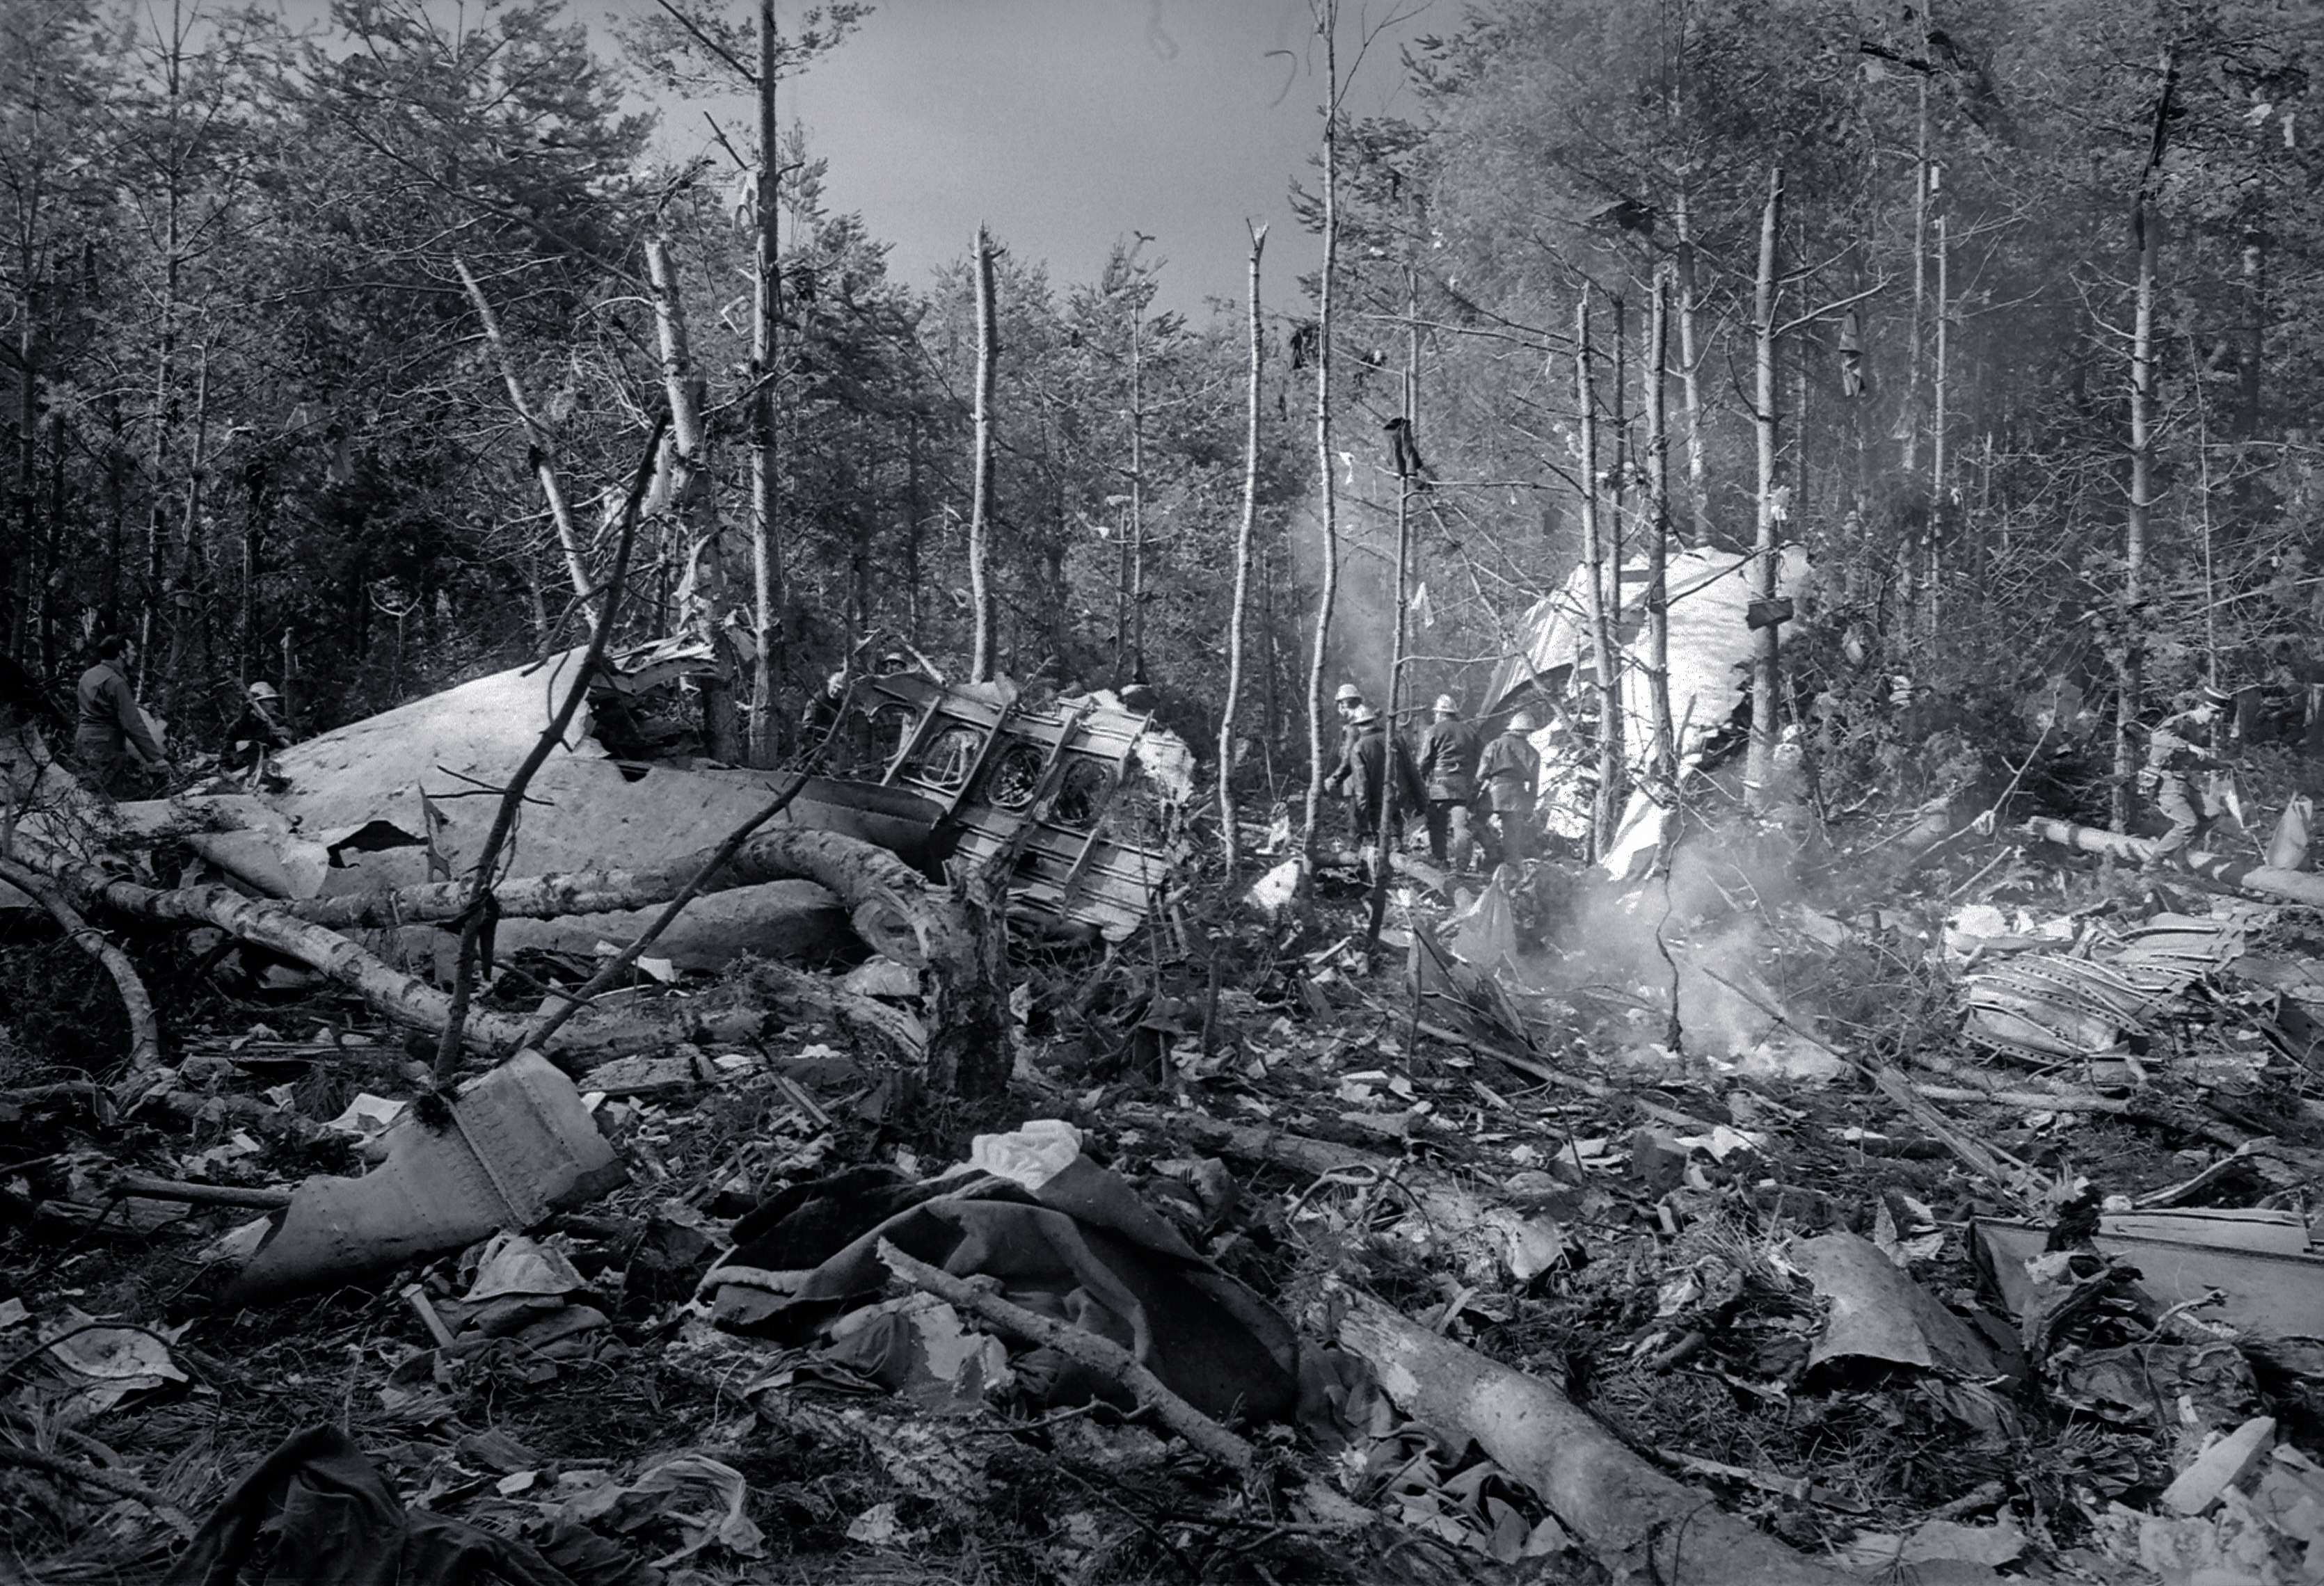 346 трупов и просека в лесу под Парижем: как разбился один из самых надёжных самолётов в мире